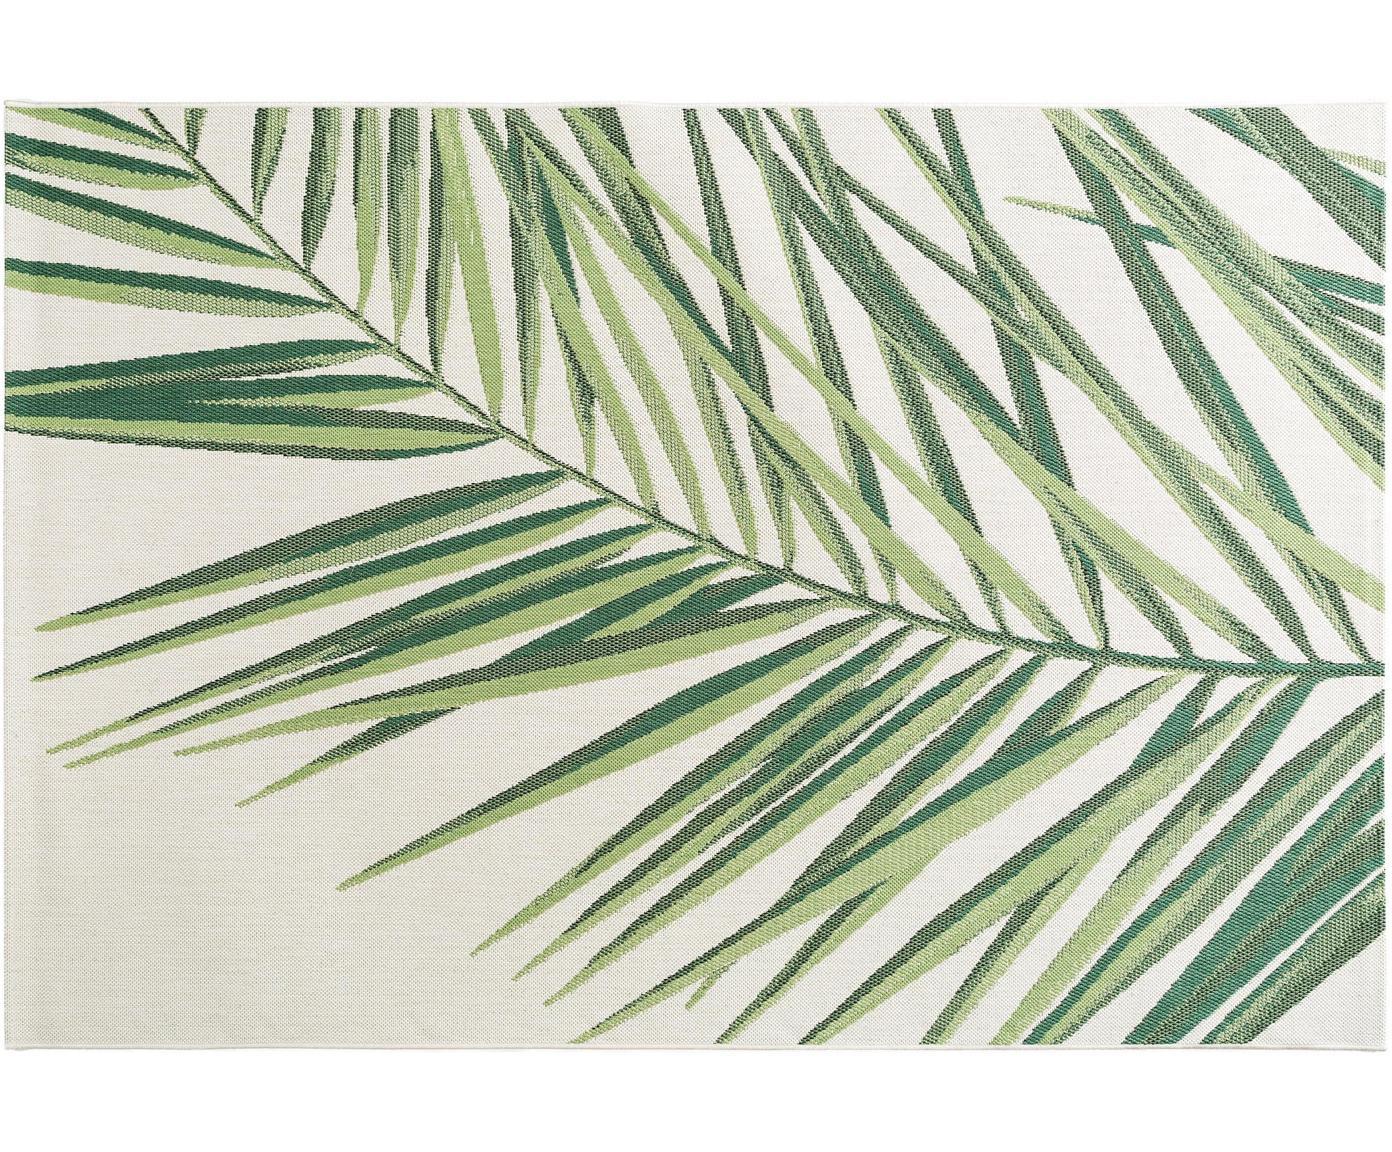 Dywan wewnętrzny/zewnętrzny Capri Palm, Polipropylen, Zielony, beżowy, S 80 x D 150 cm (Rozmiar XS)